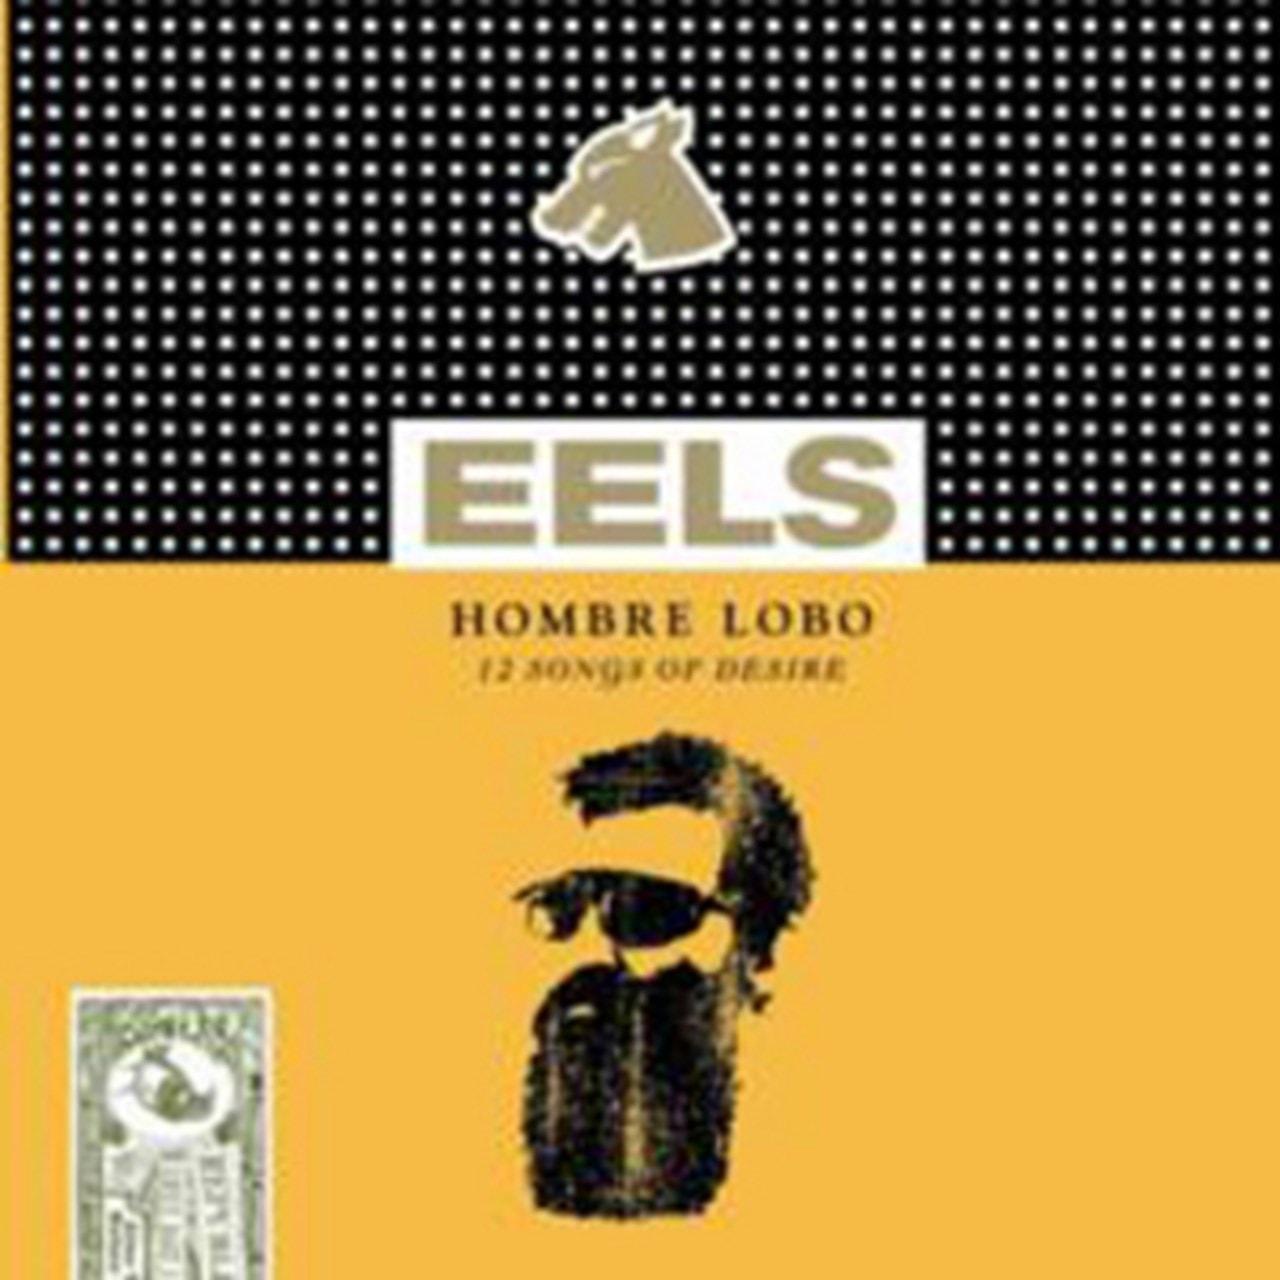 Hombre Lobo - 1